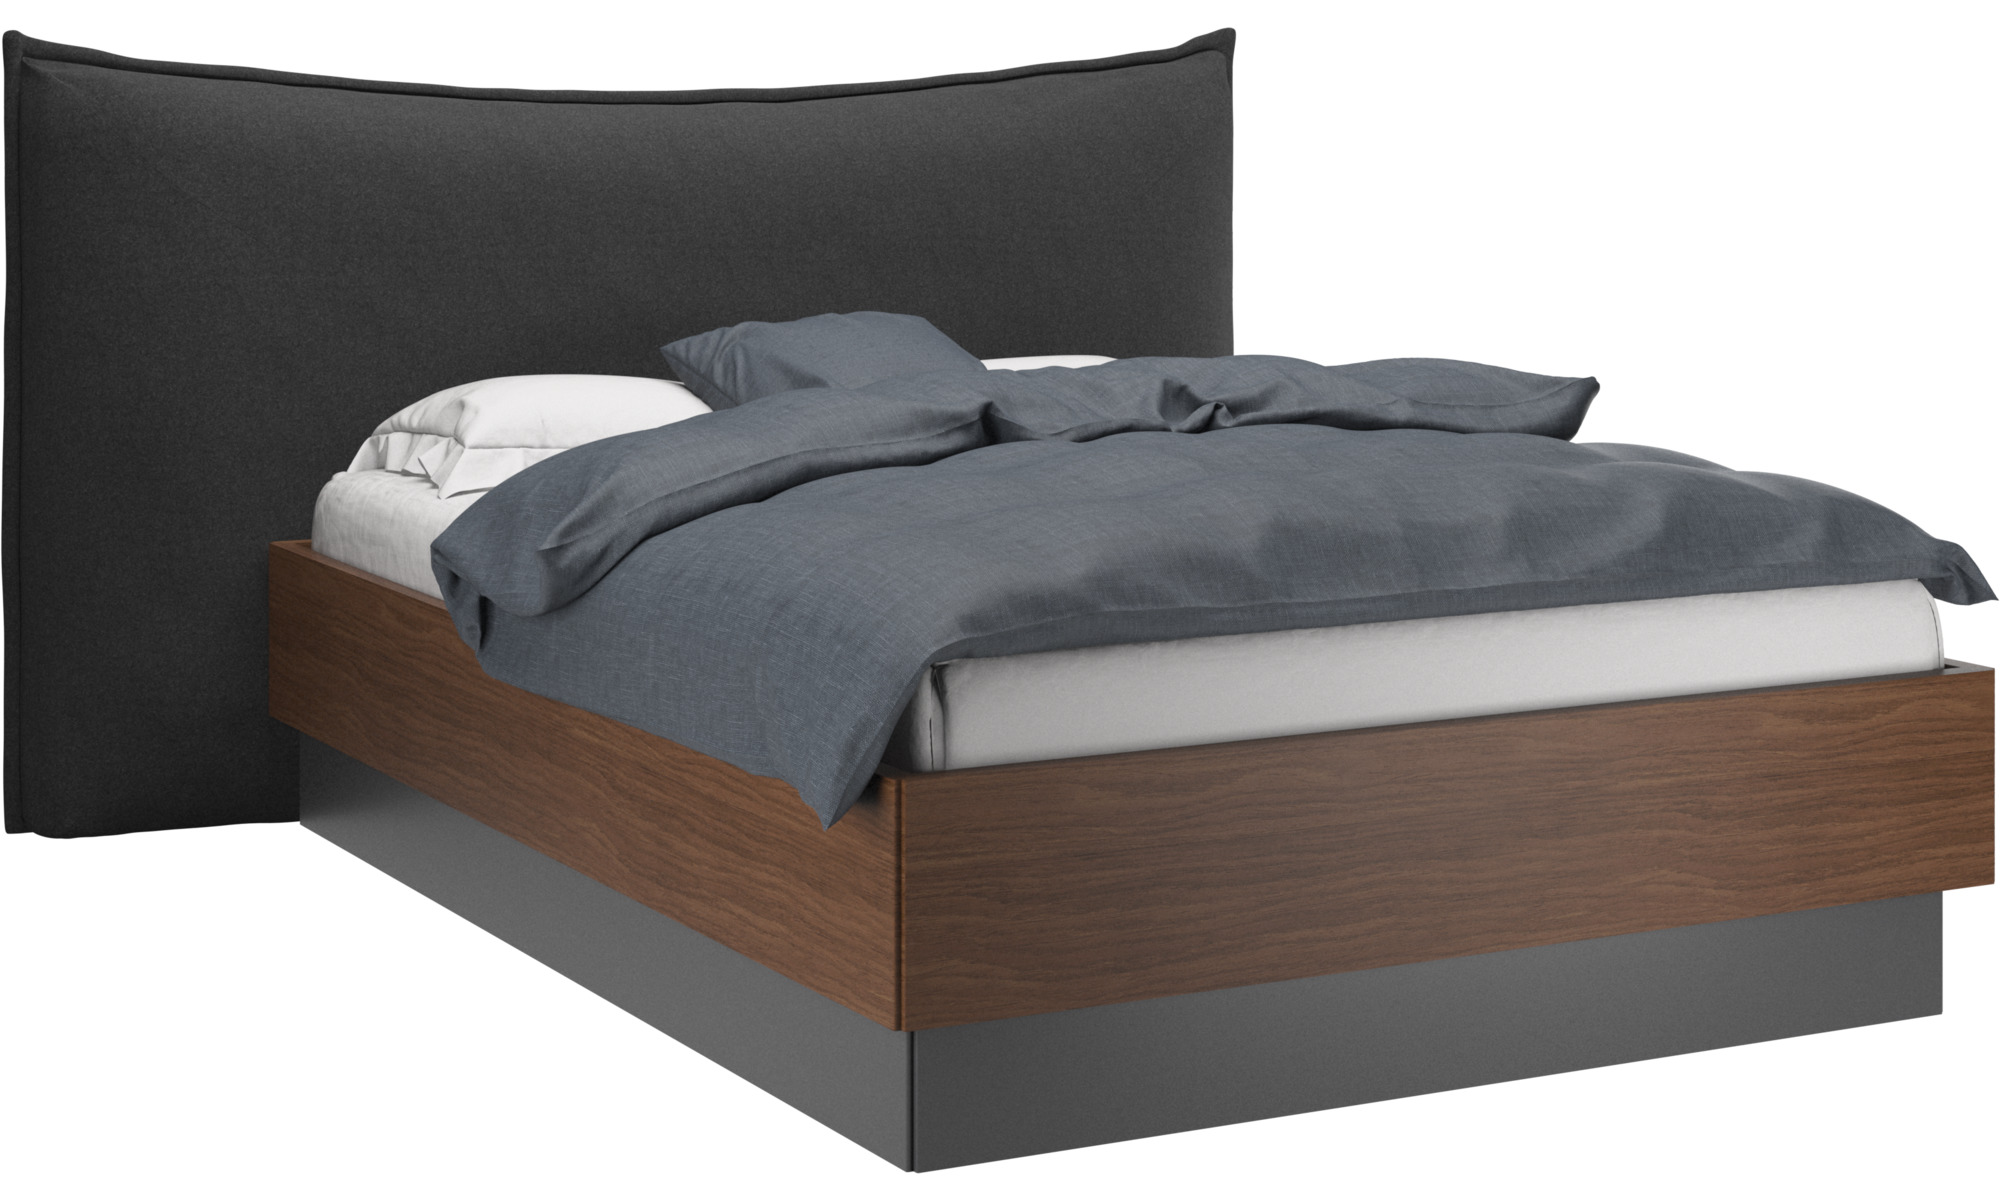 Camas cama con canap estructura elevable y tablado no - Canape lit bo concept ...